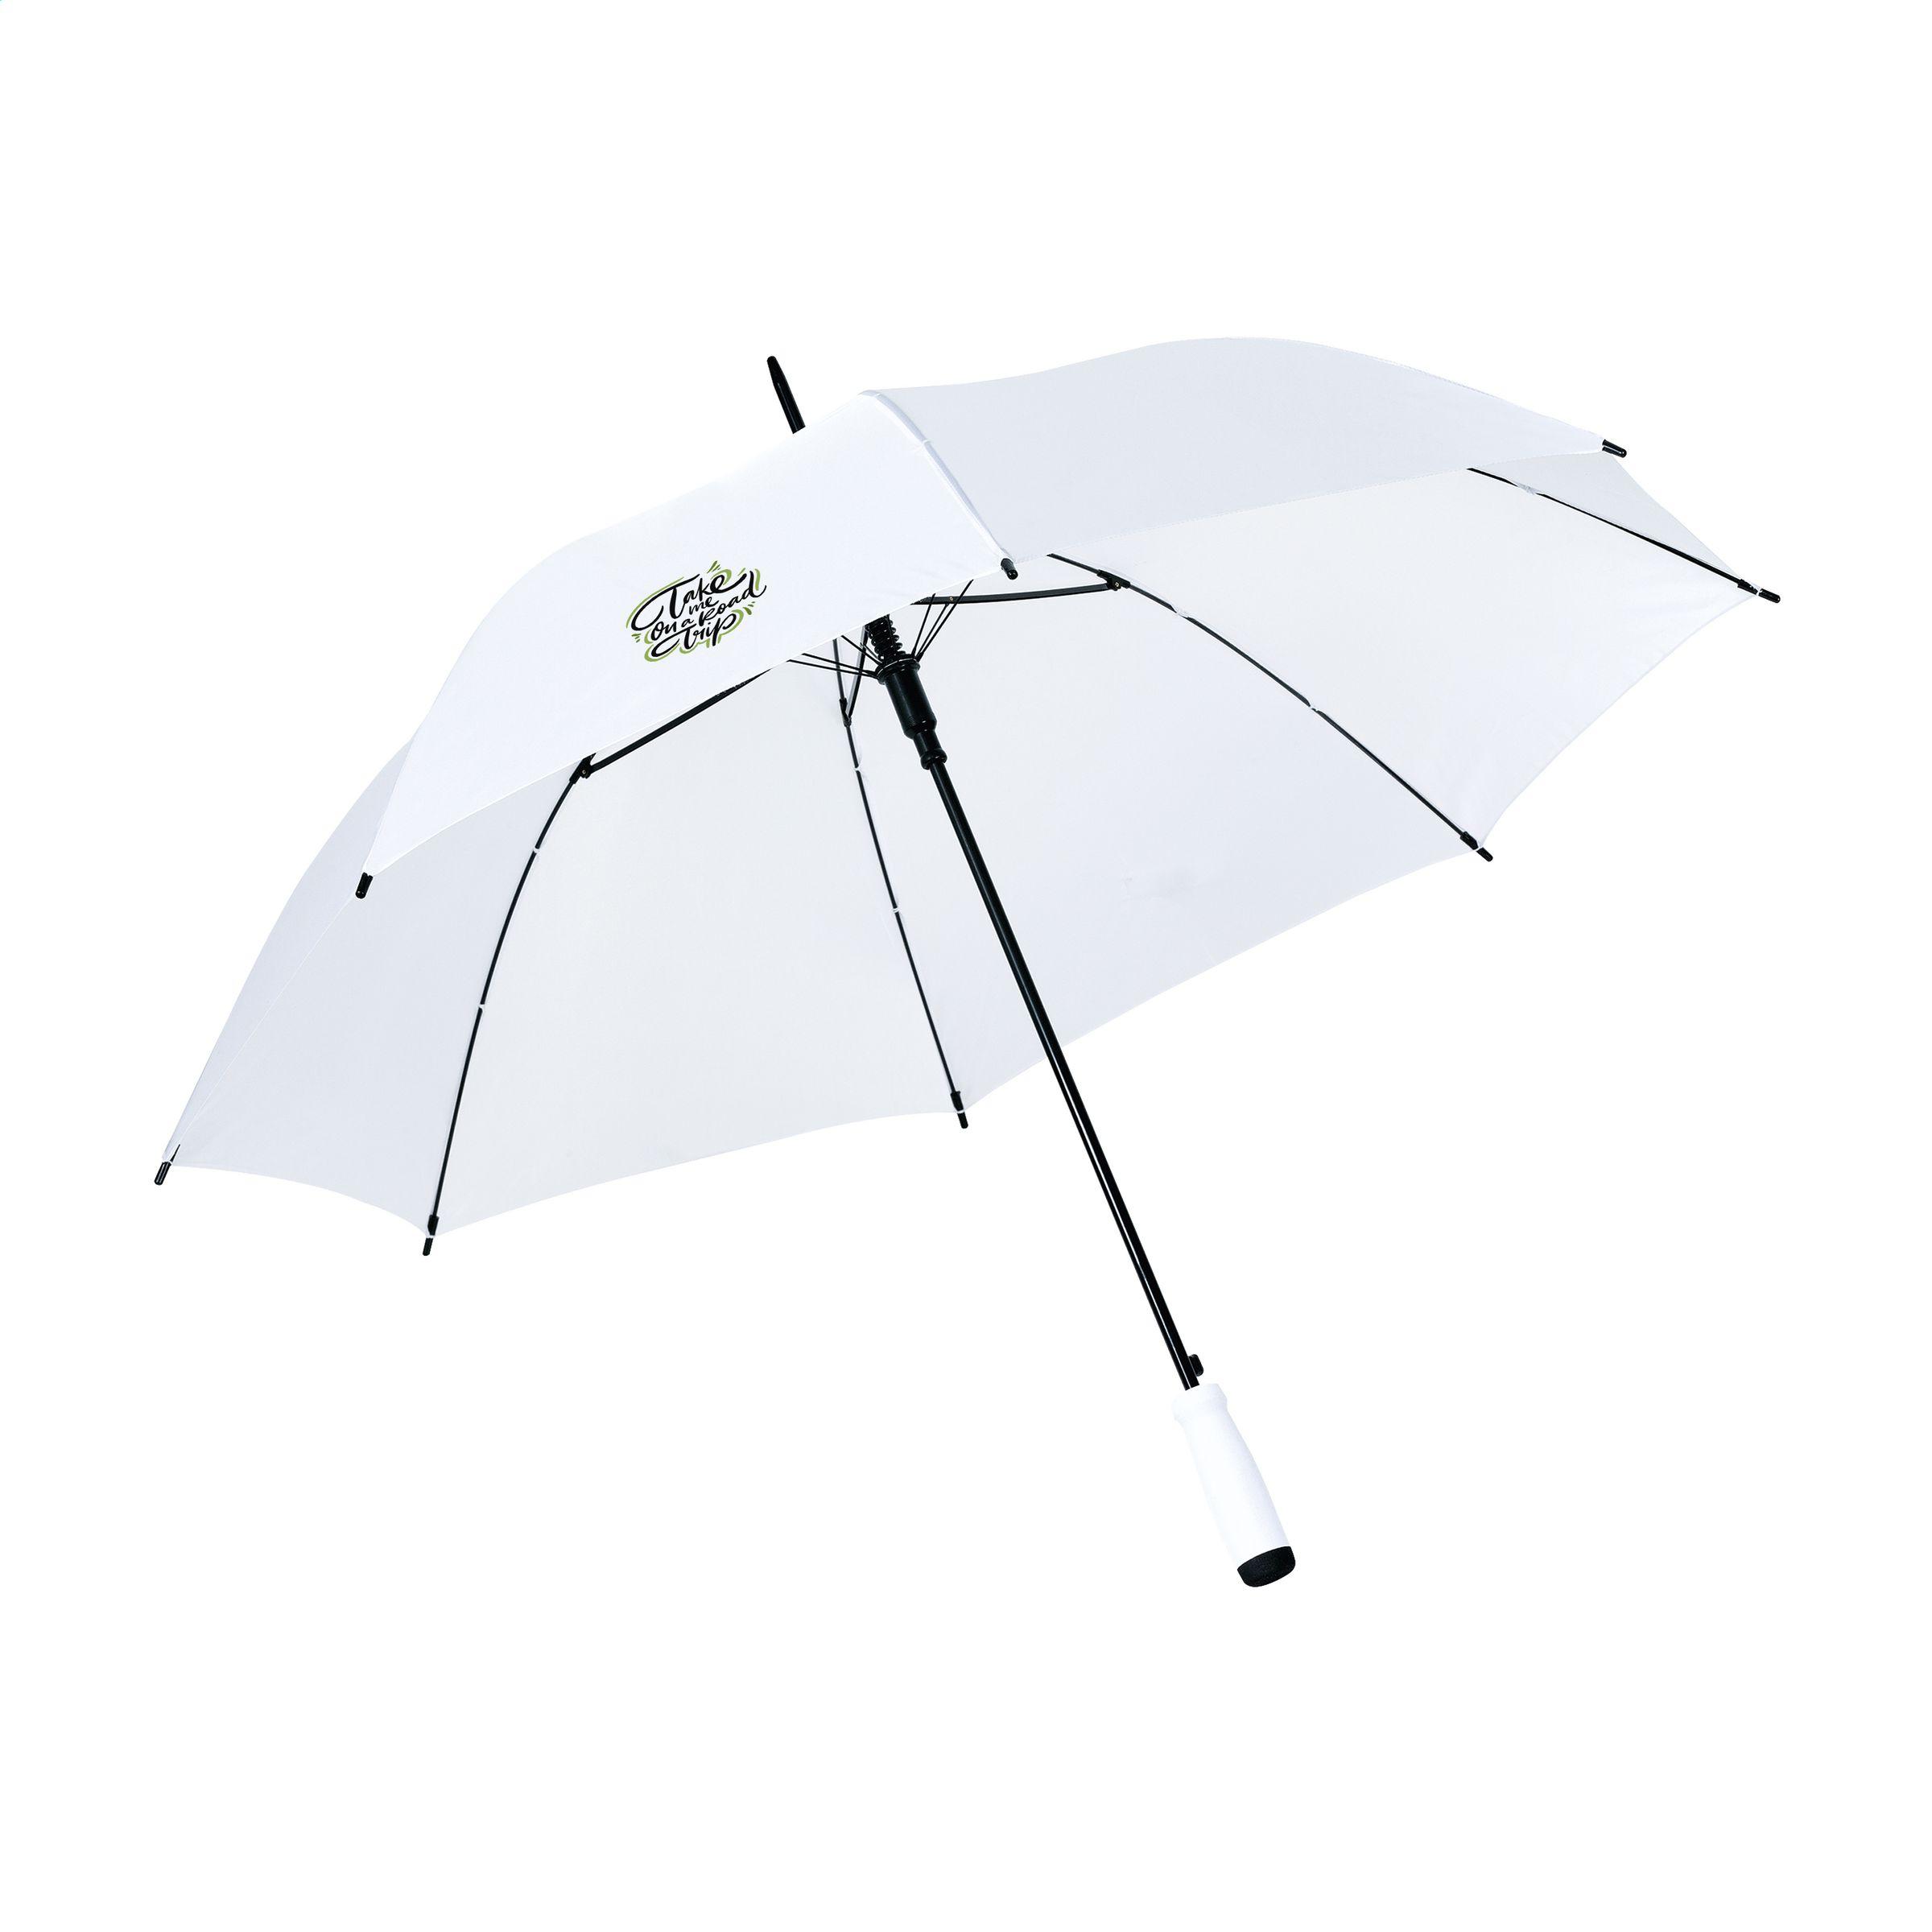 Colorado umbrella printing